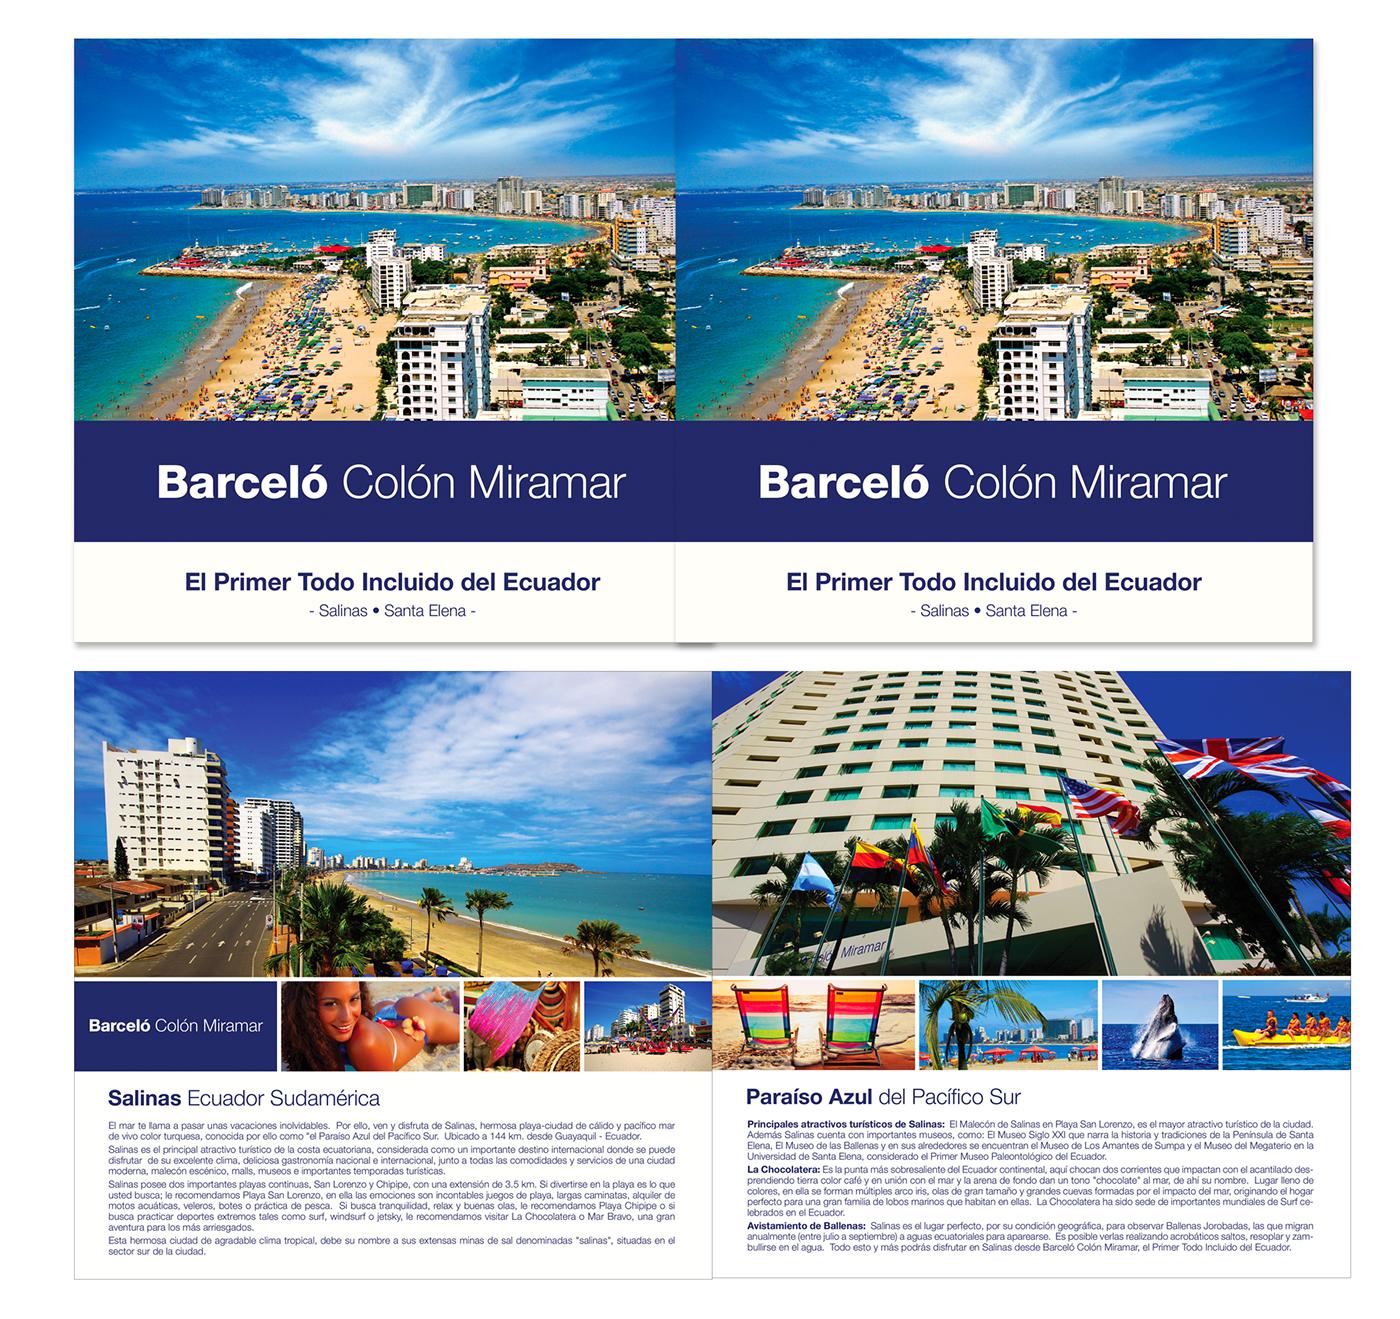 brochure Ecuador salinas Travel discover ecuador desing folleto logo Photography  beach